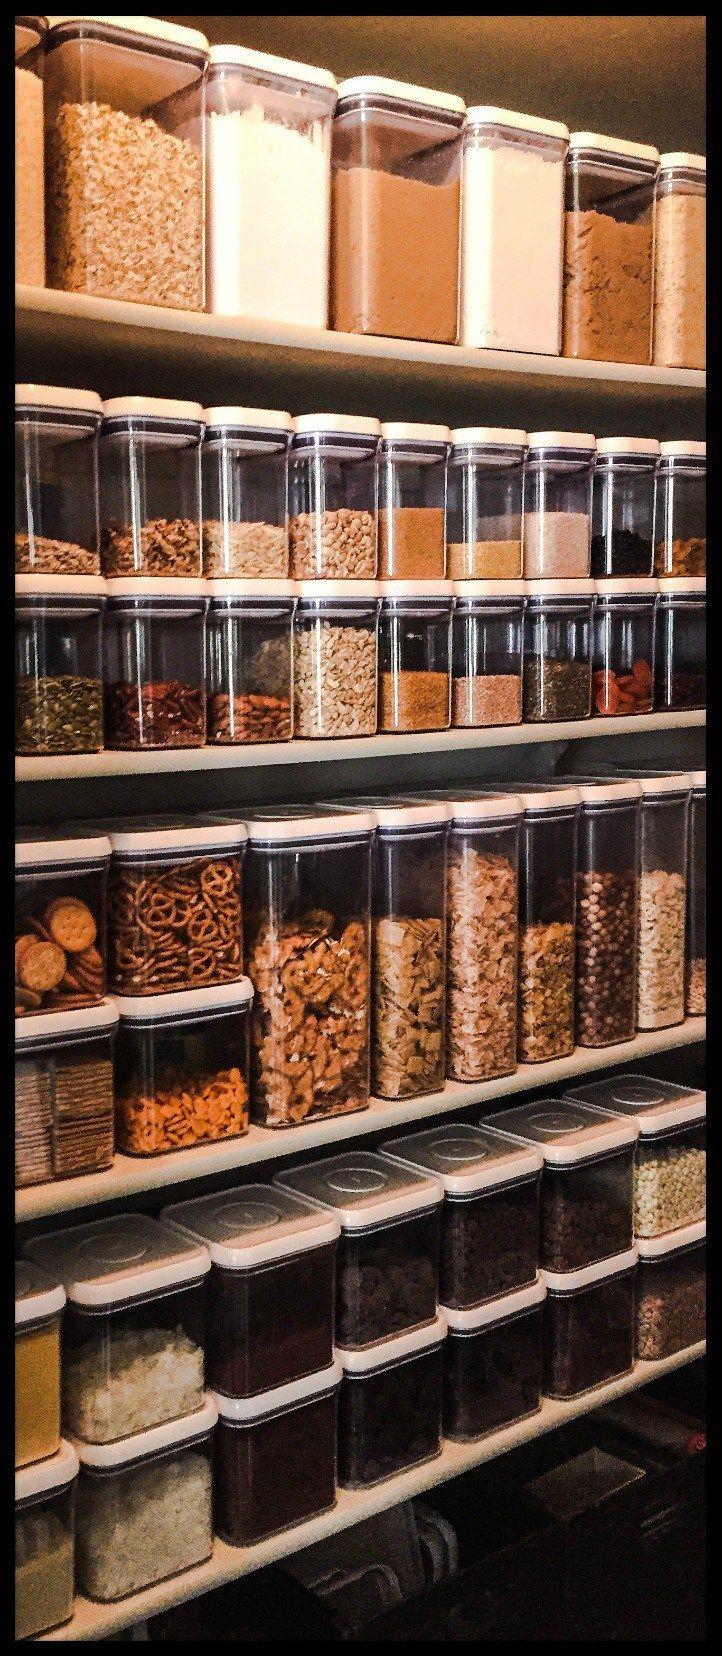 12 creative and smart kitchen organization ideas | smart kitchen